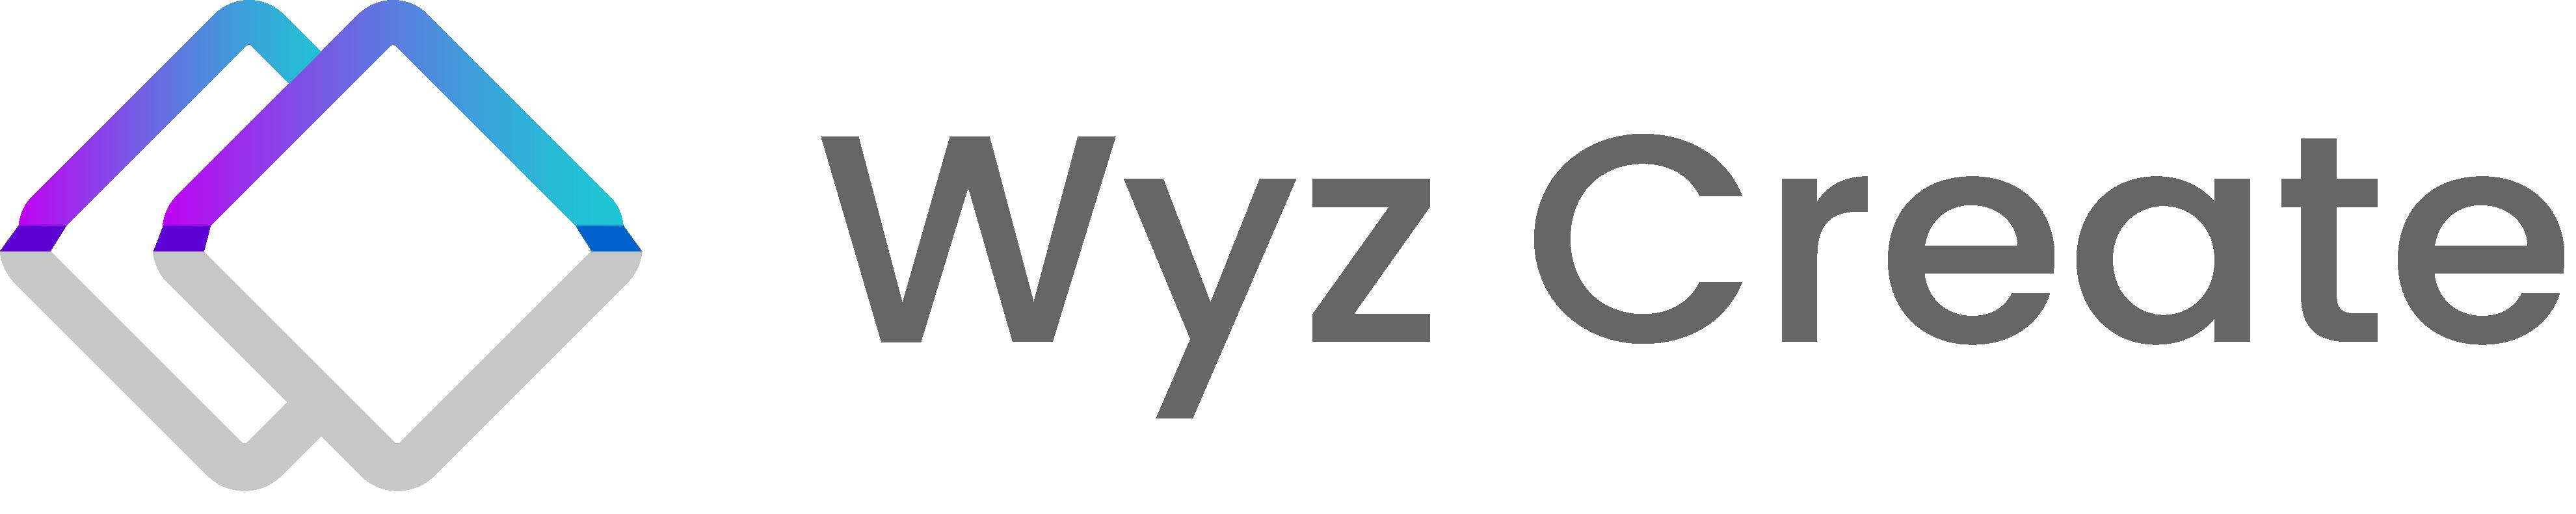 Wyz Create